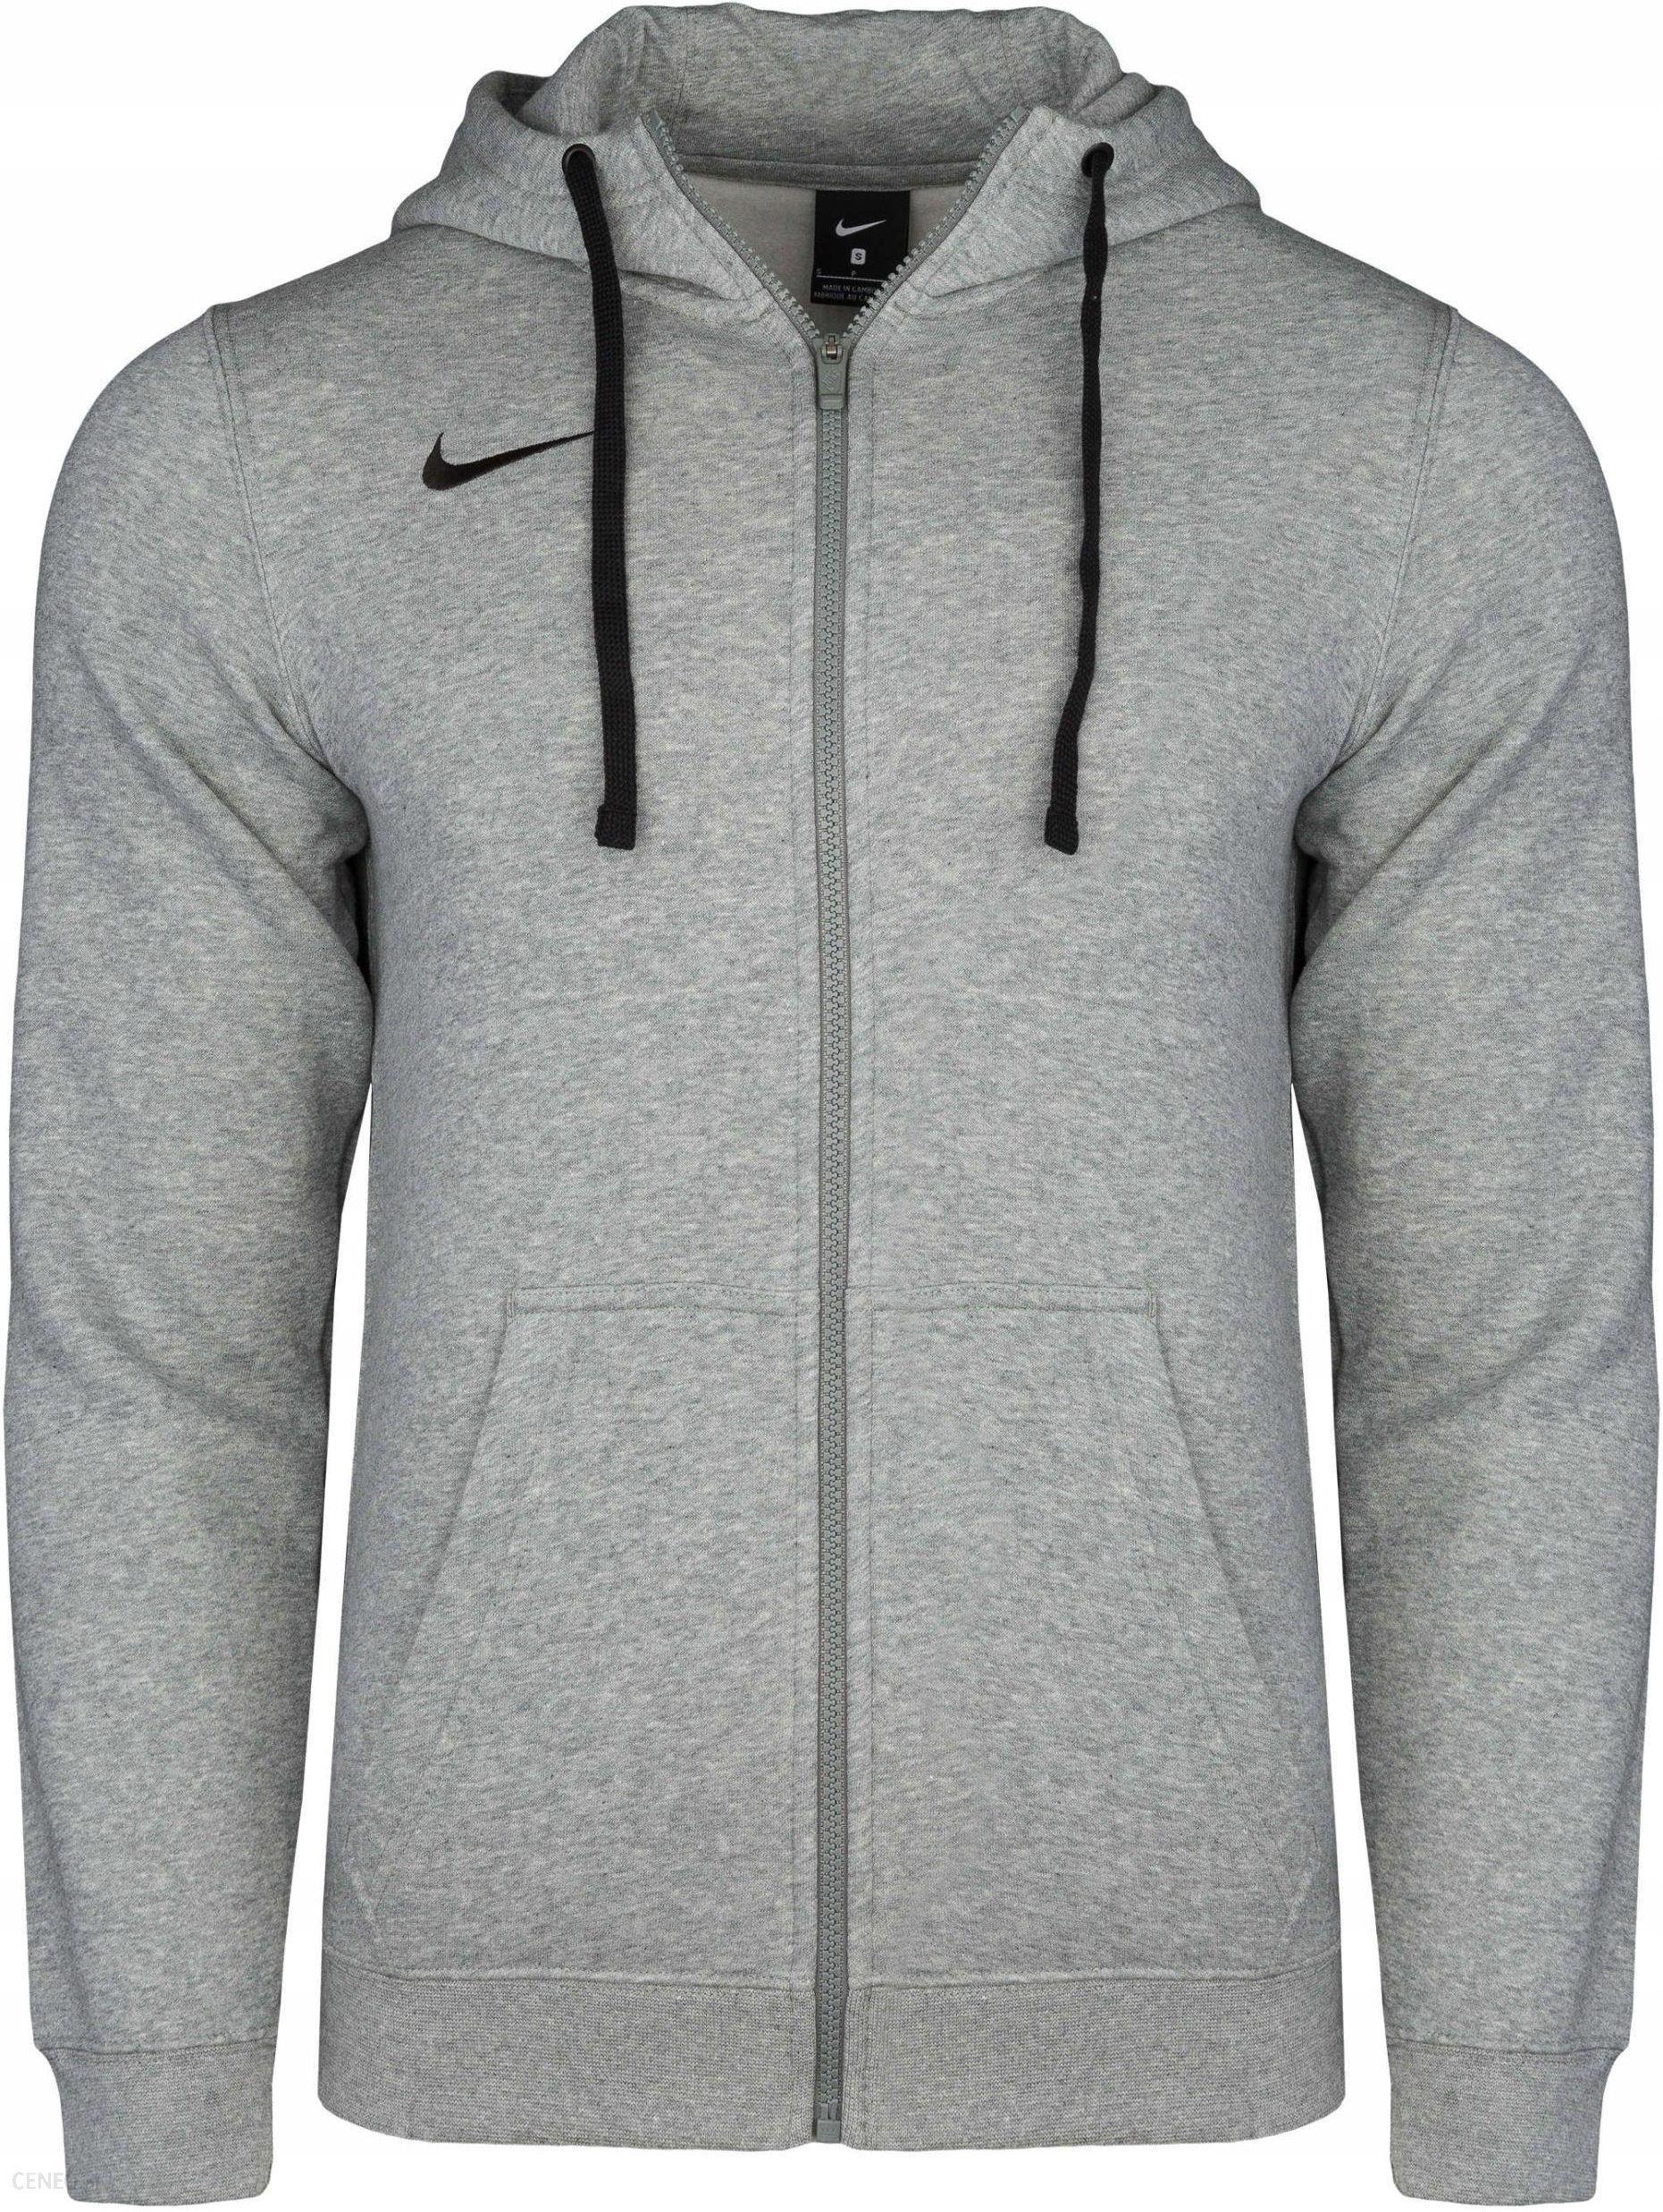 NIKE bluza męska dresowa z kapturem siwa XL